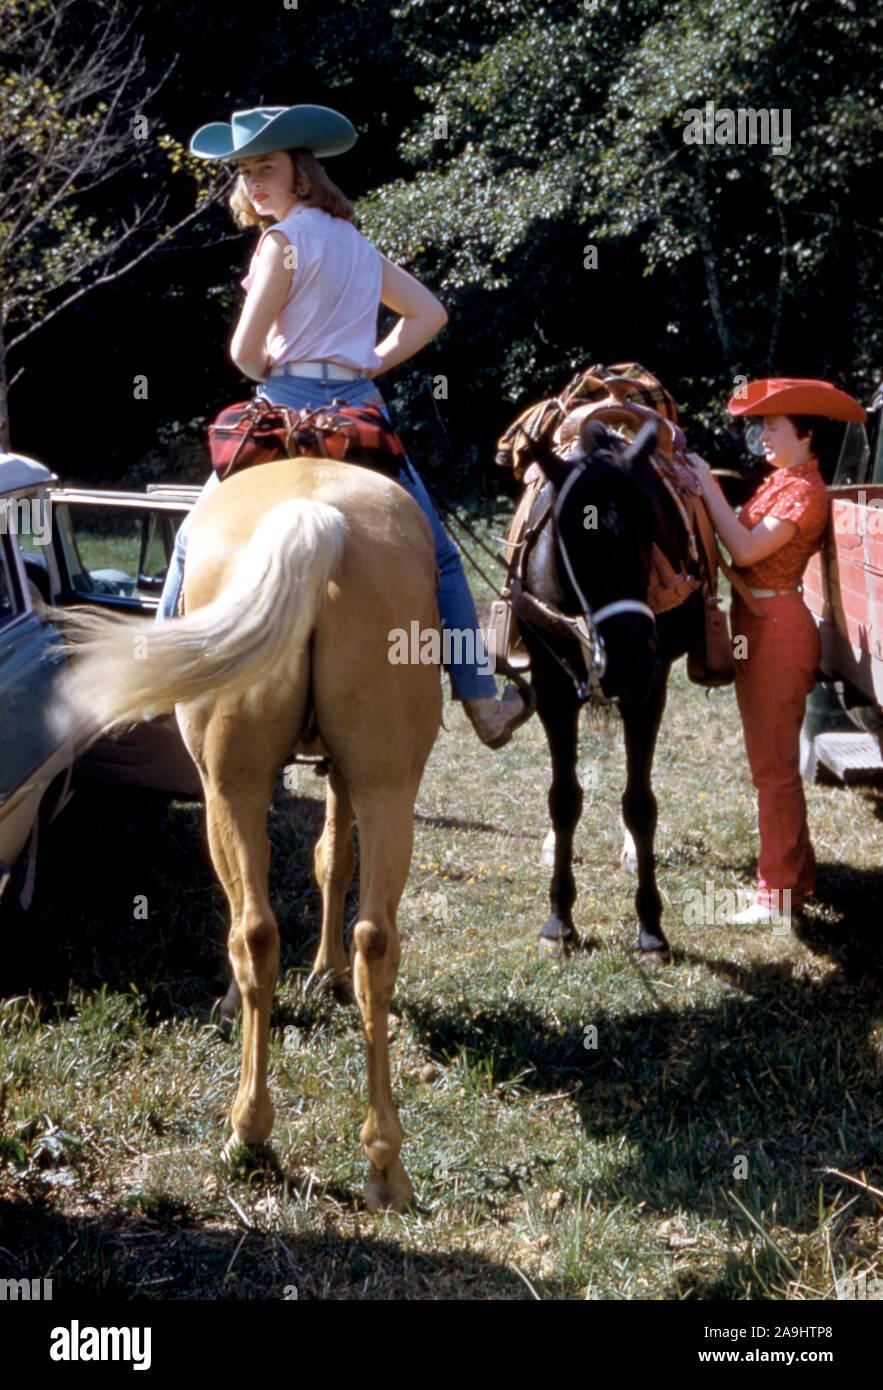 Una vista general de las niñas a caballo.(Foto por Hy Peskin) Foto de stock